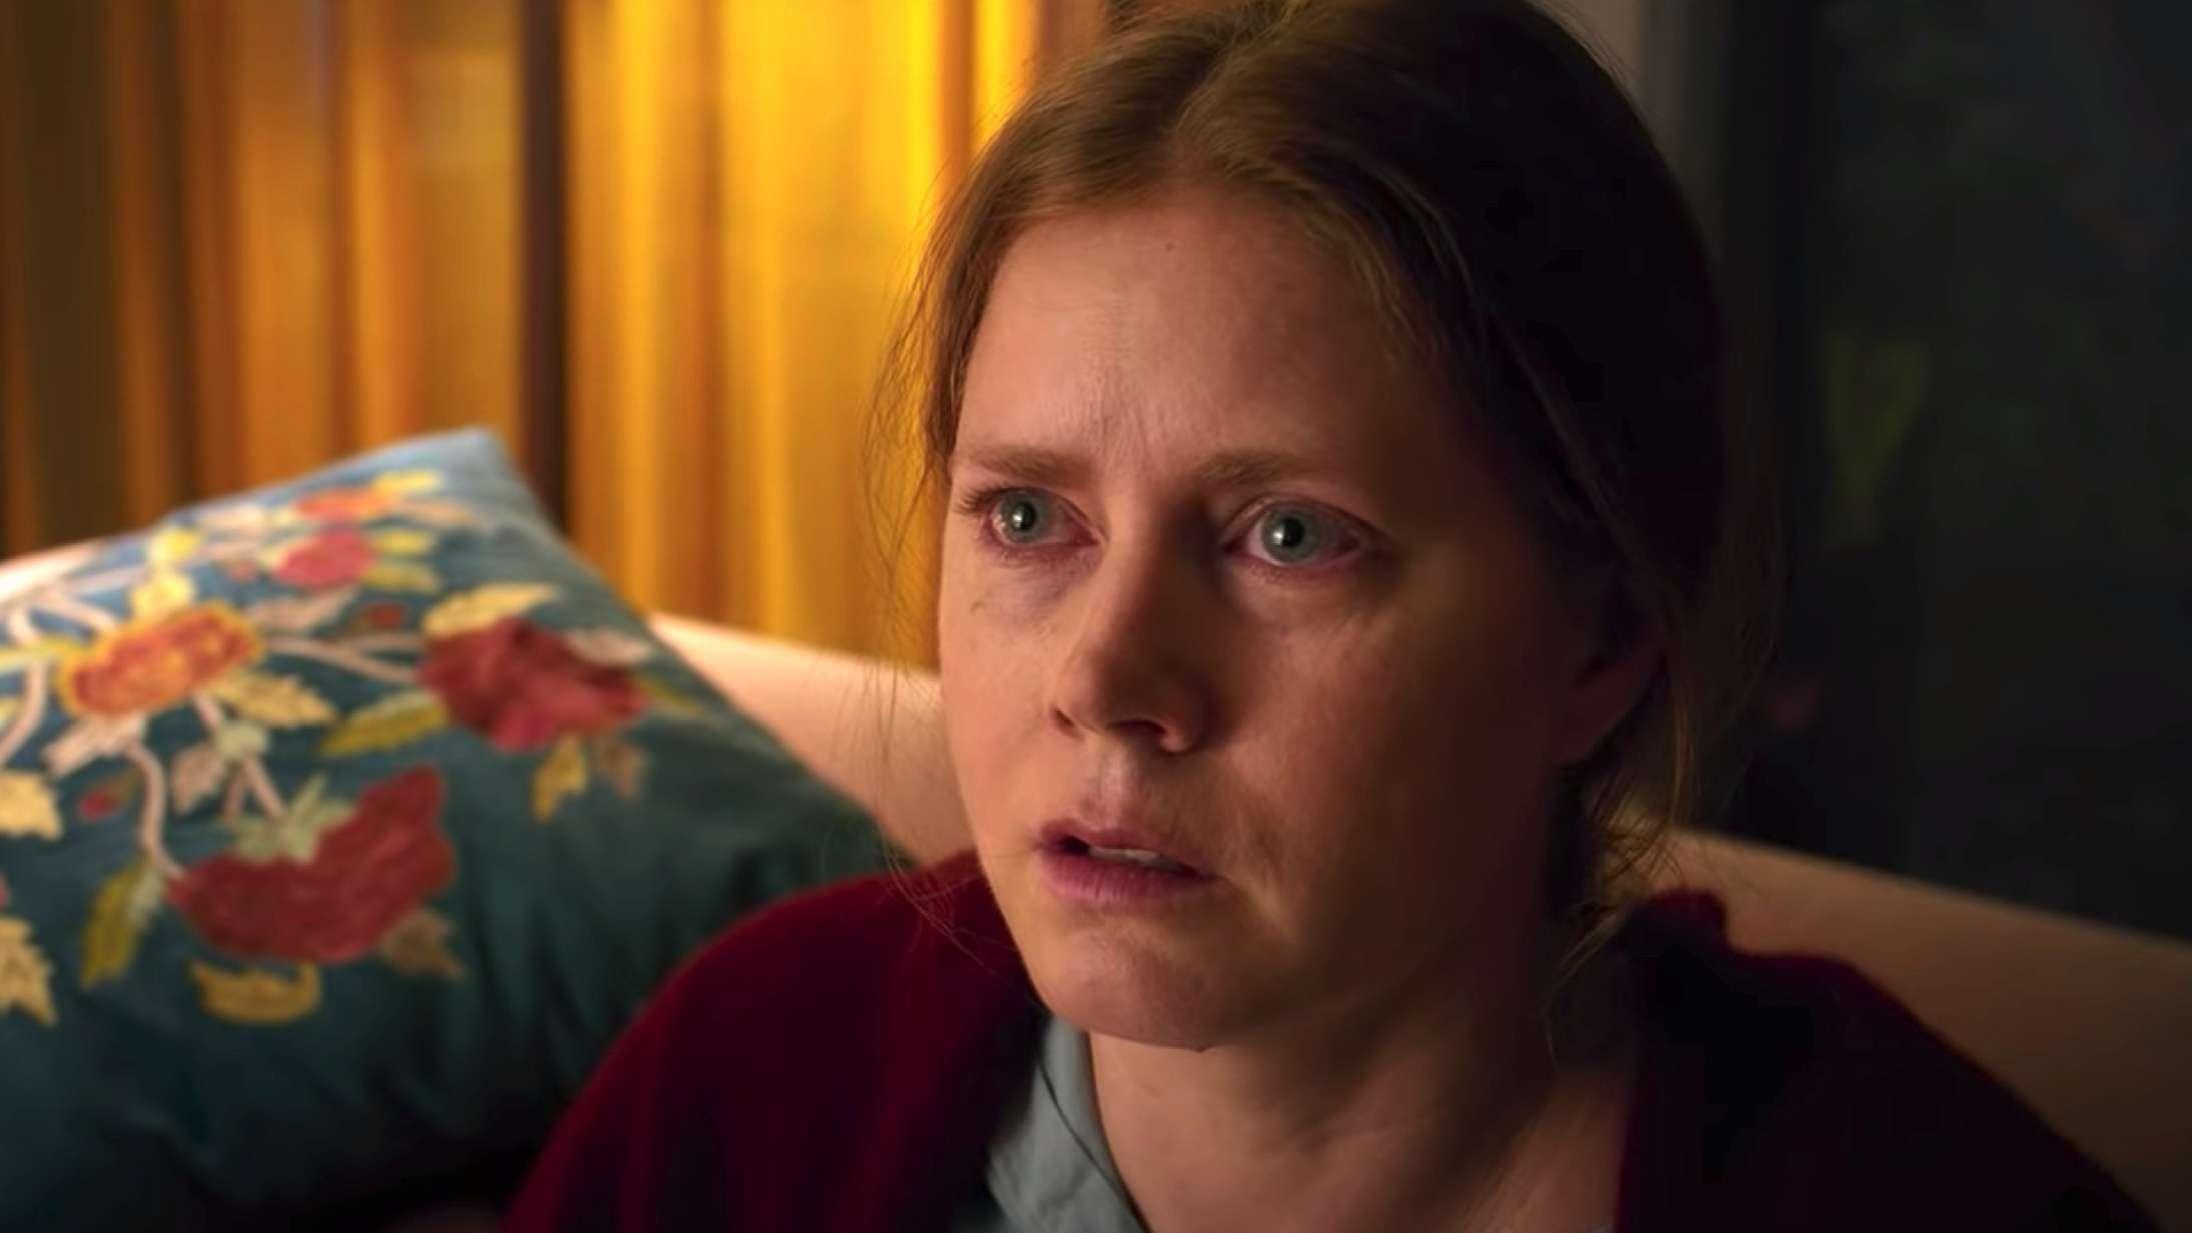 Lyt til Soundvenue Streamer: 'Kvinden i vinduet' giver akut trang til at stirre ind i væggen